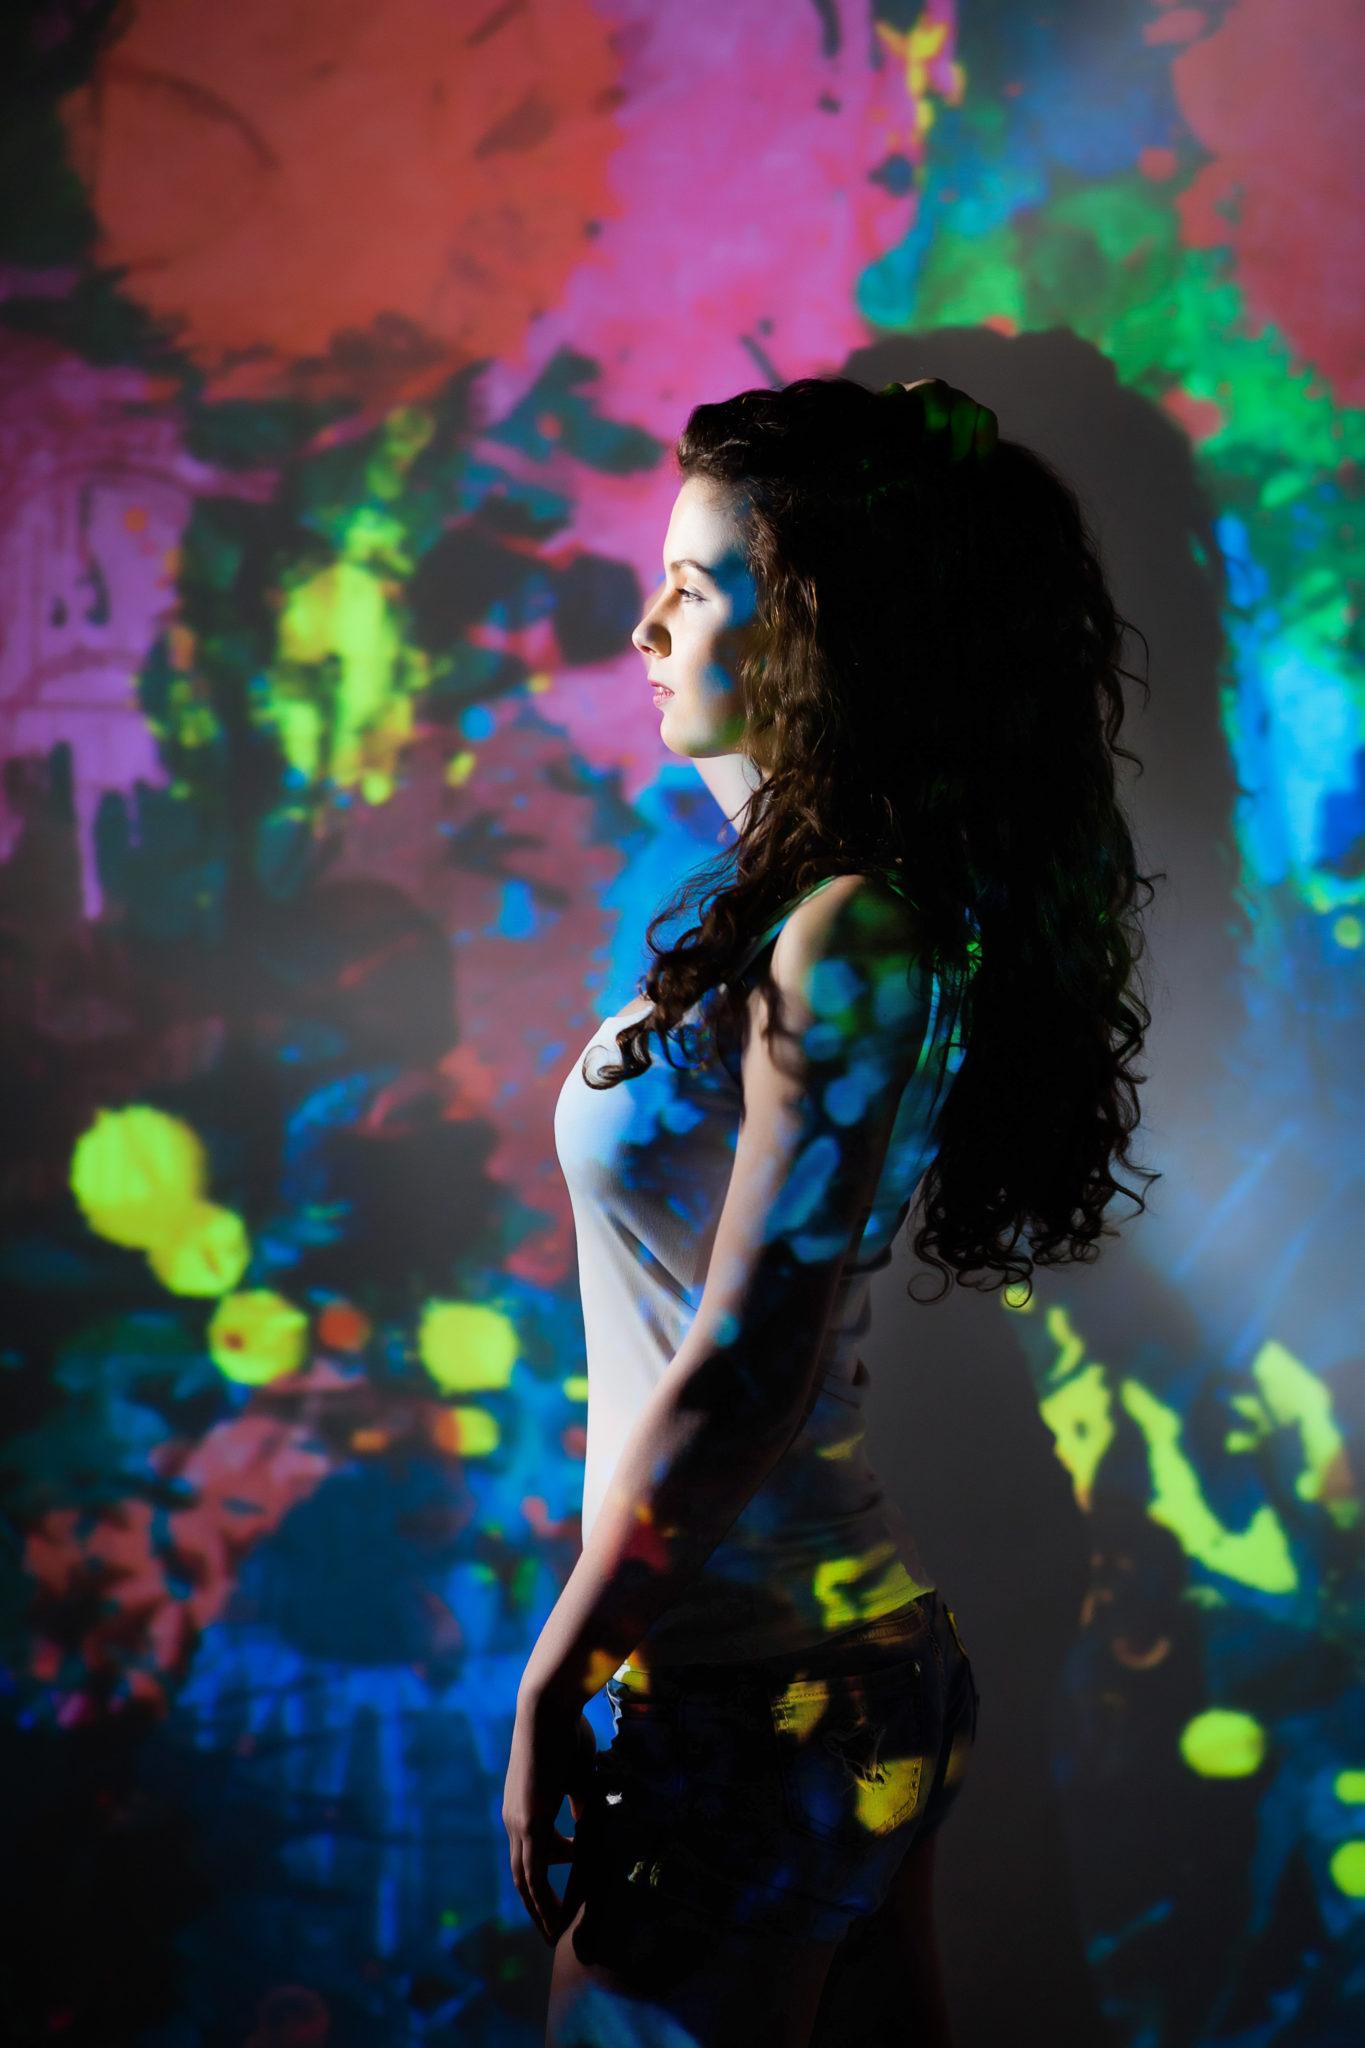 Съемка с проектором, фотосессия с проектором, цвет, фон цветные пятна